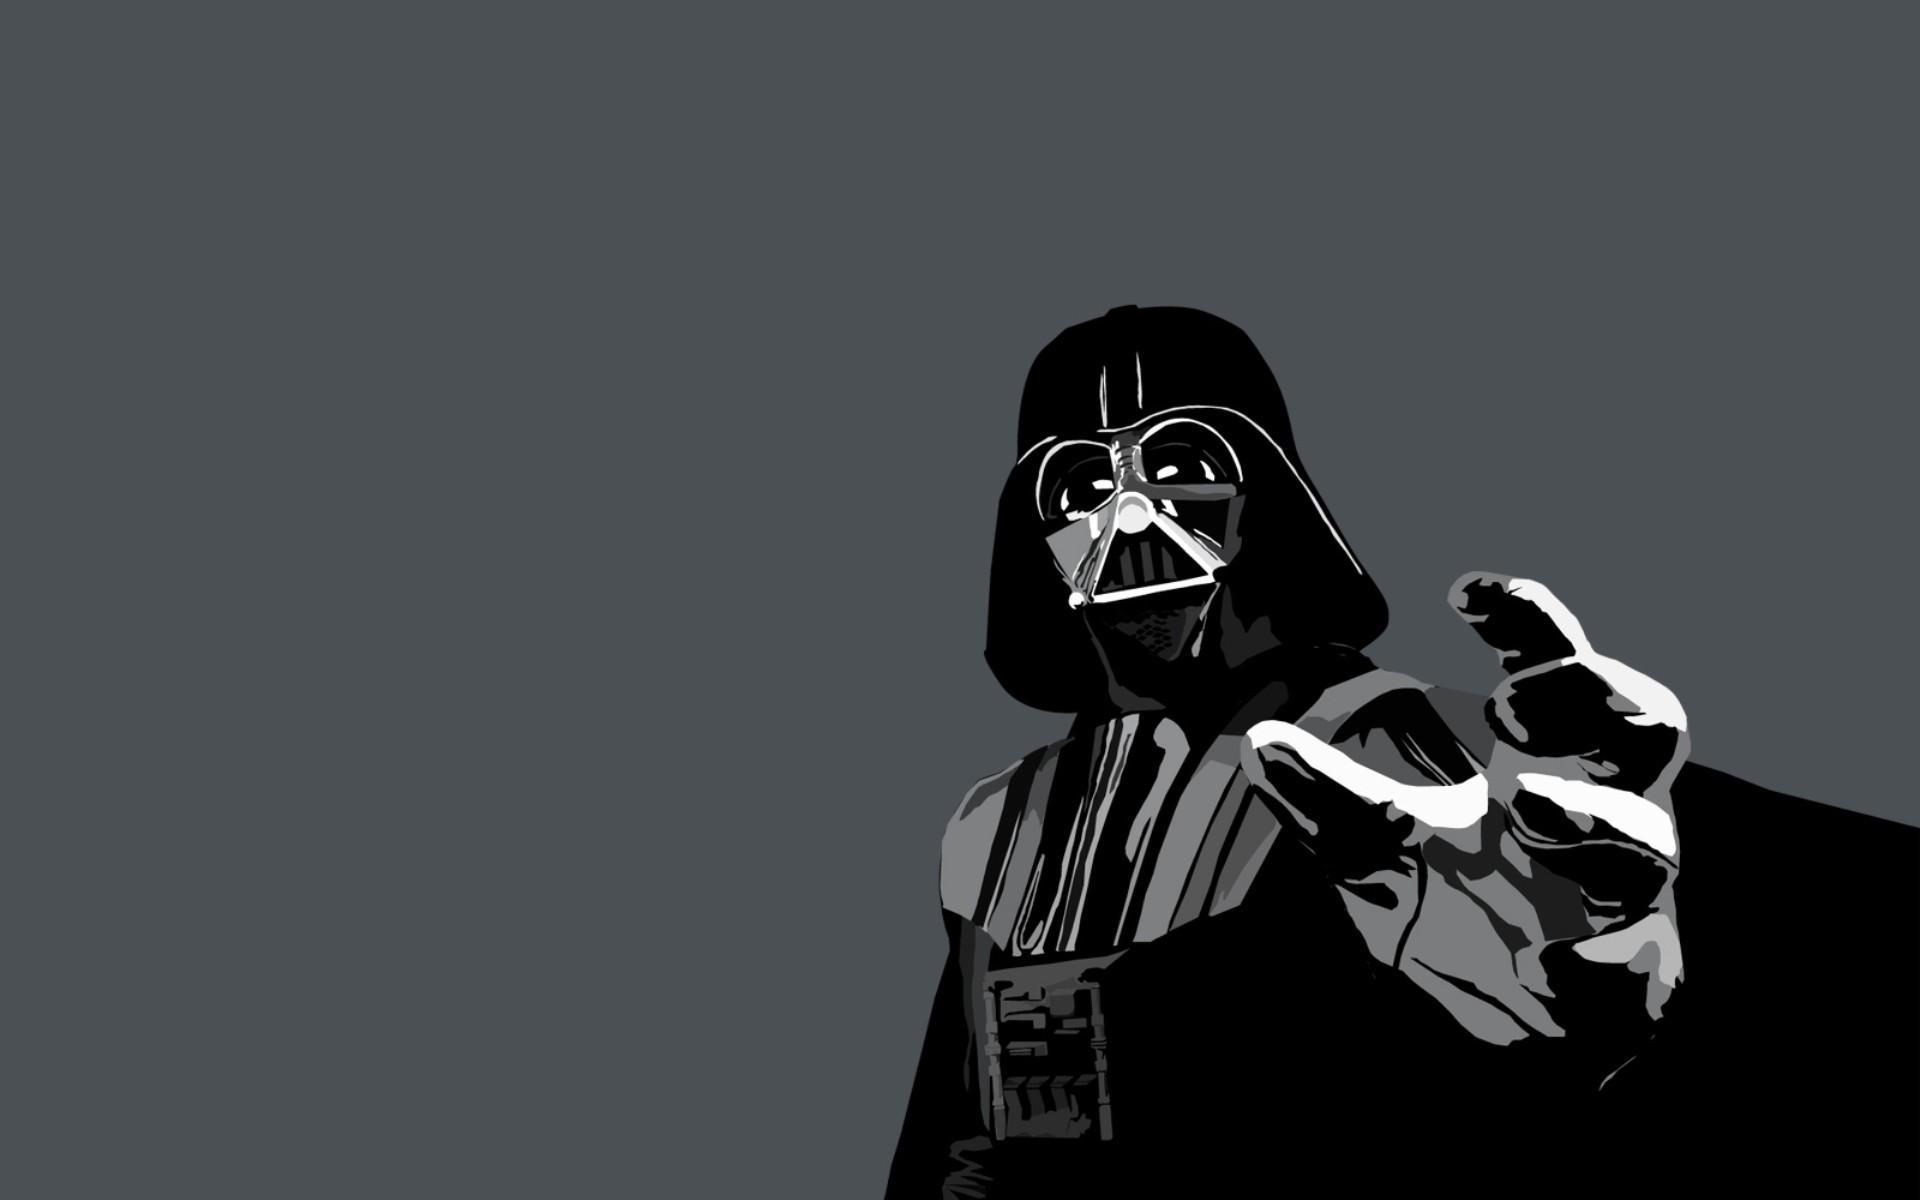 1920x1200 Vector Grey Movie Star Wars Black Darth Vader Vector,grey,movie